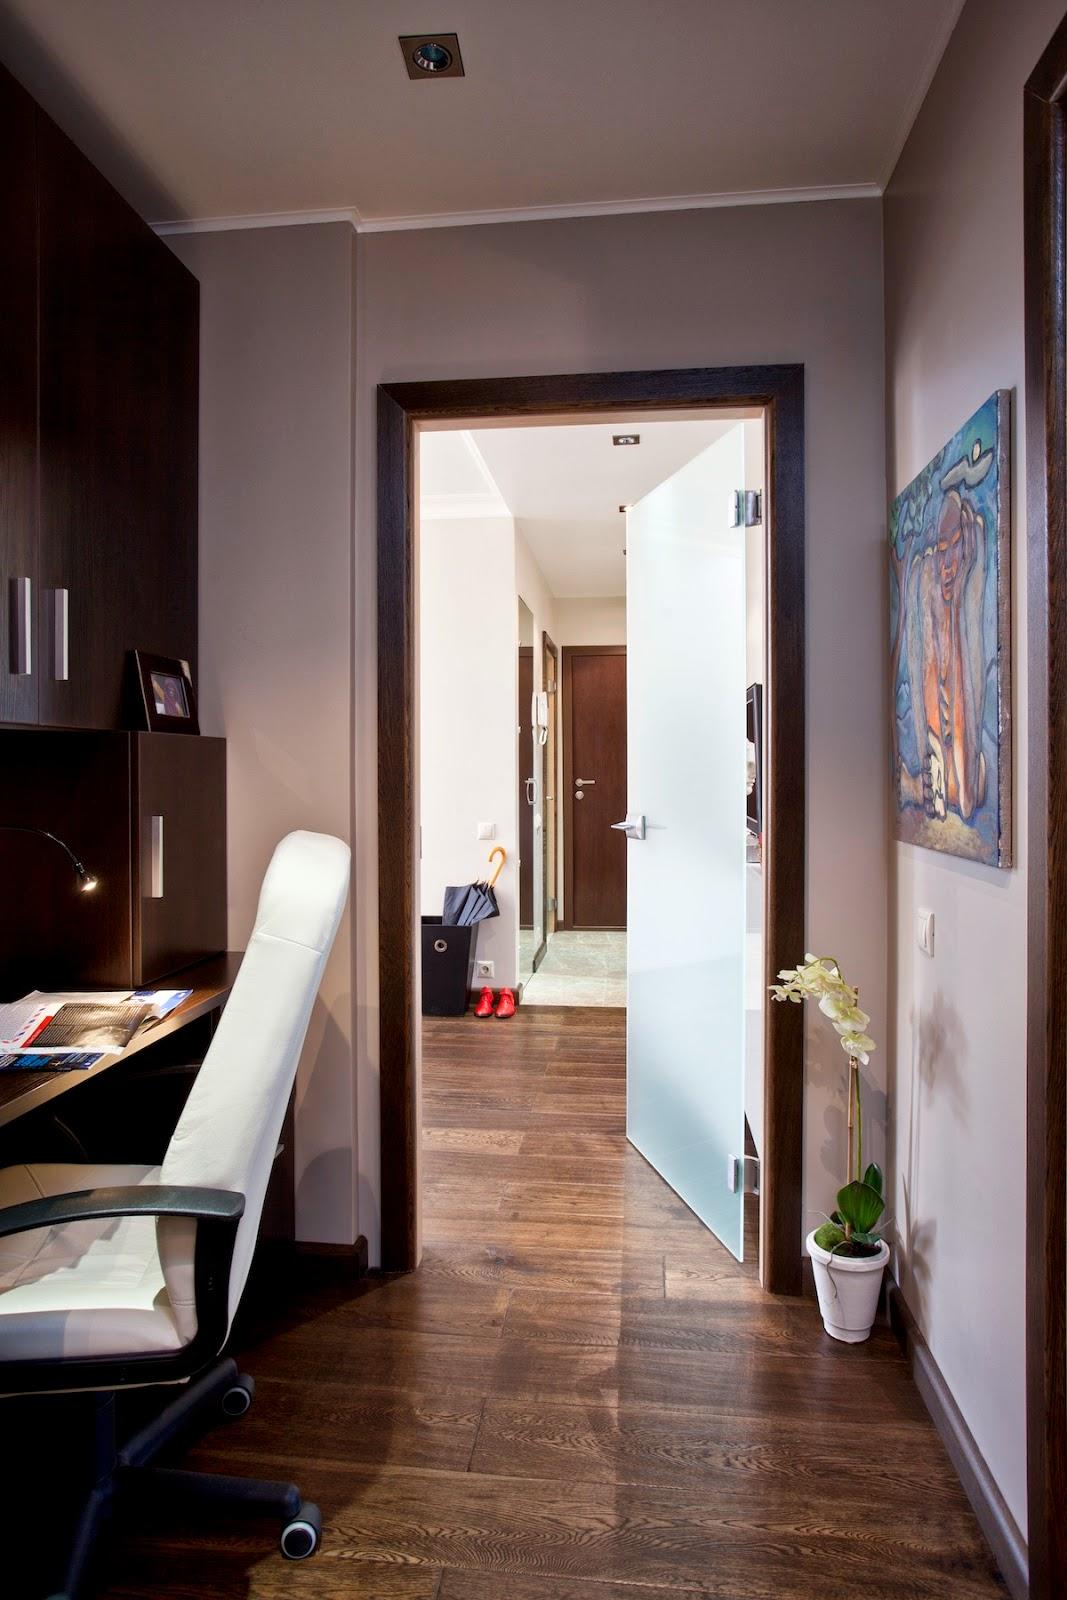 prekrasen-apartament-proektiran-za-biznes-dama-v-rusiq-6g